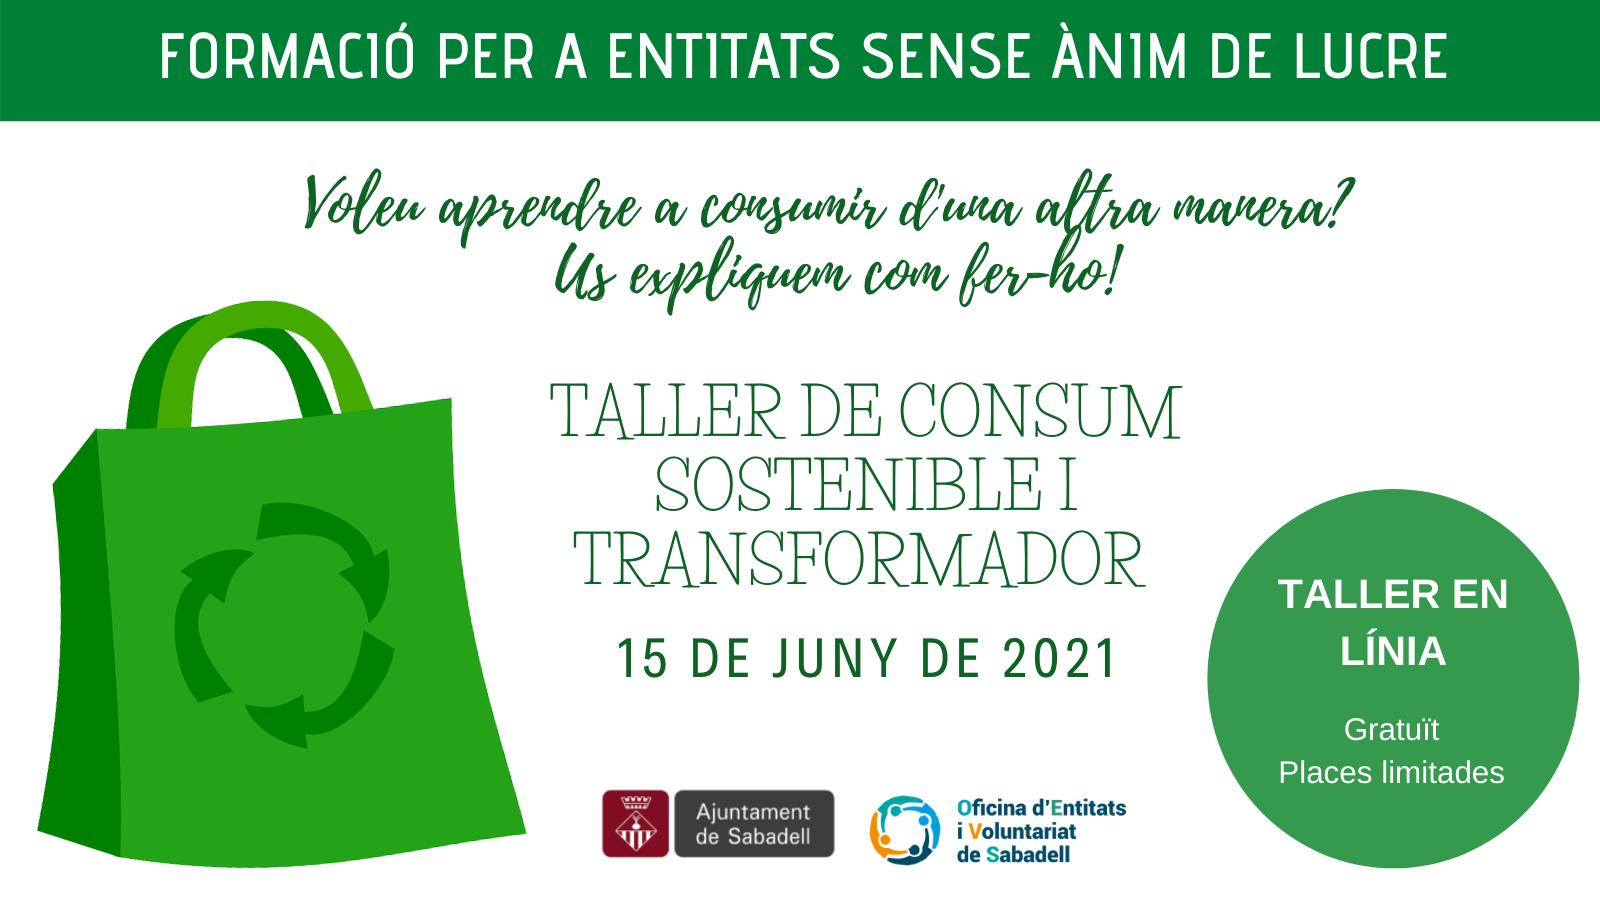 Obertes les inscripcions al taller de consum sostenible i transformador adreçat a entitats